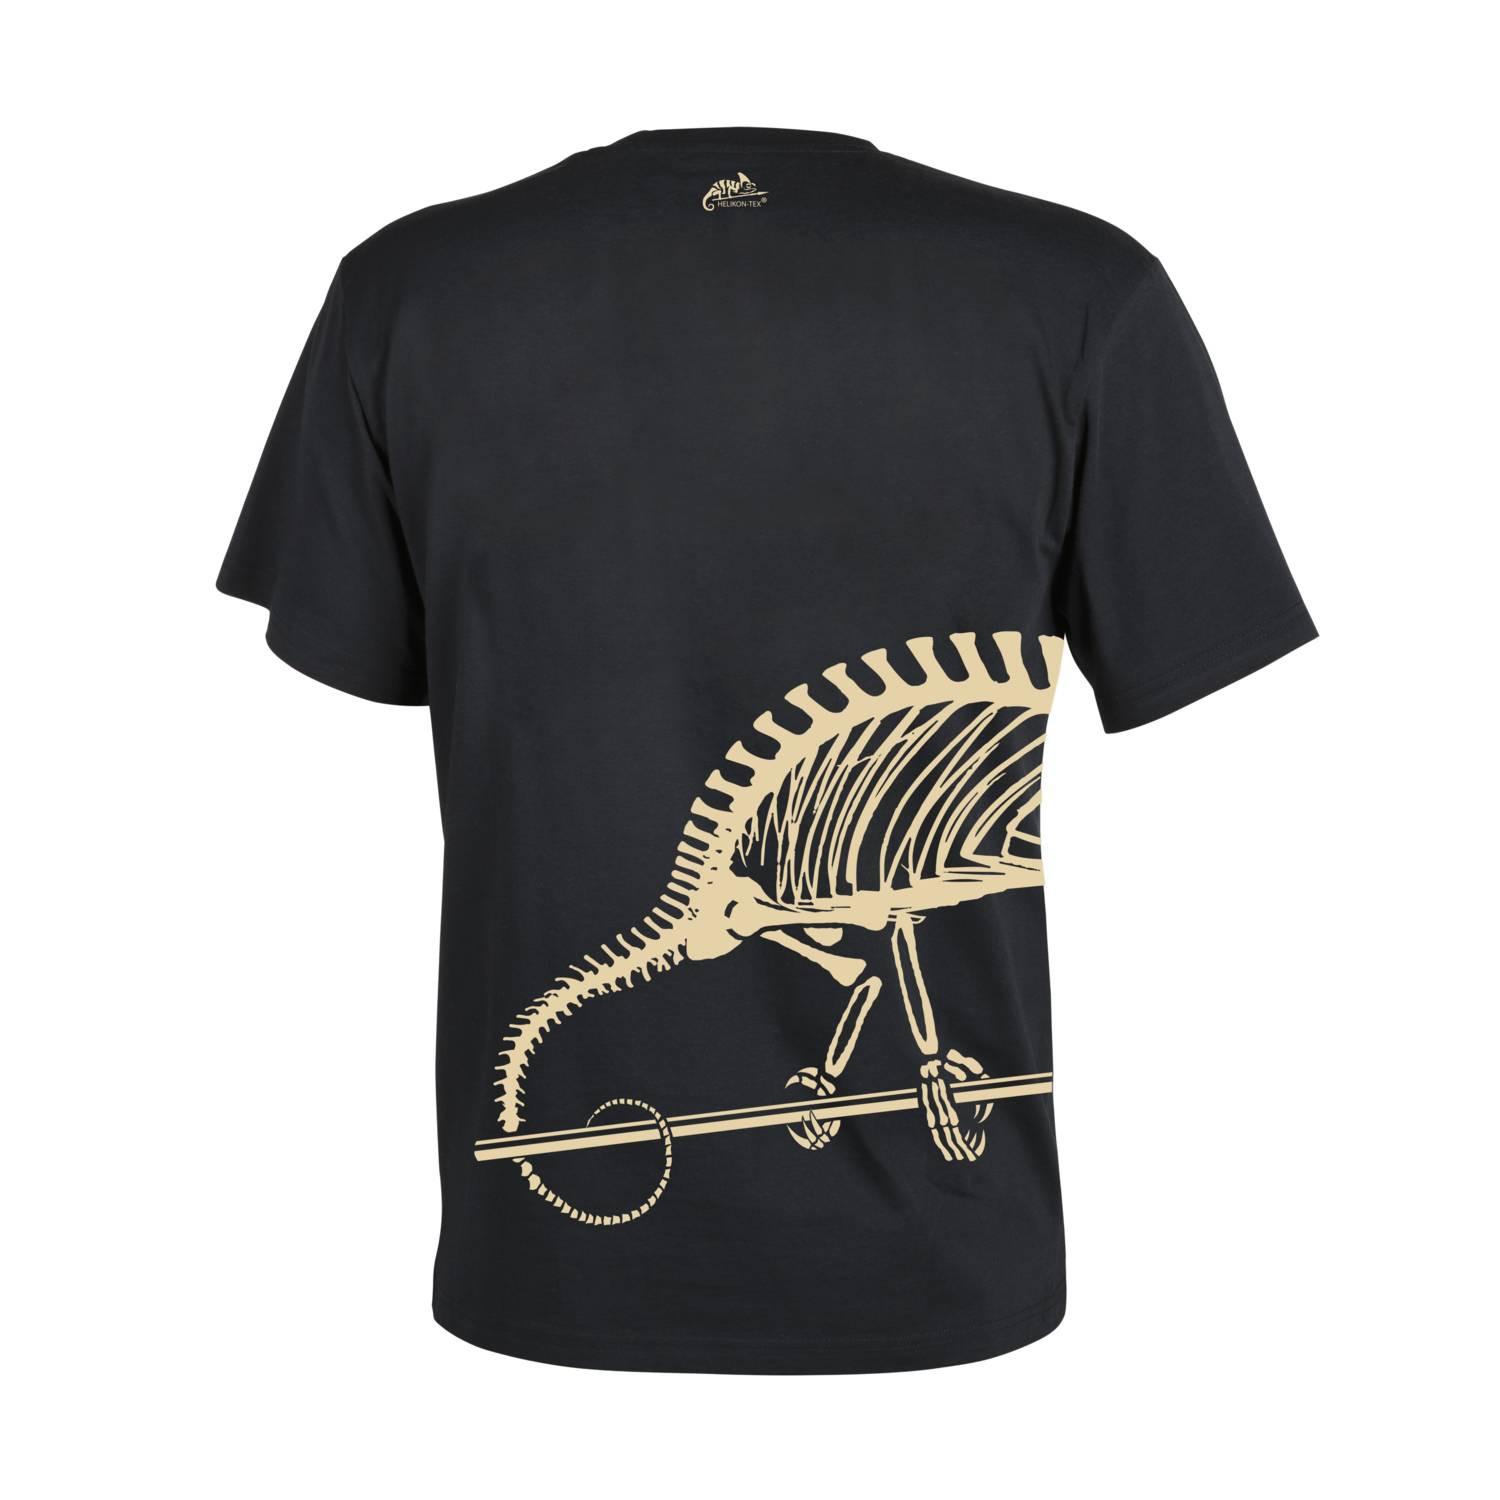 T-Shirt (Full Body Skeleton) Detal 3